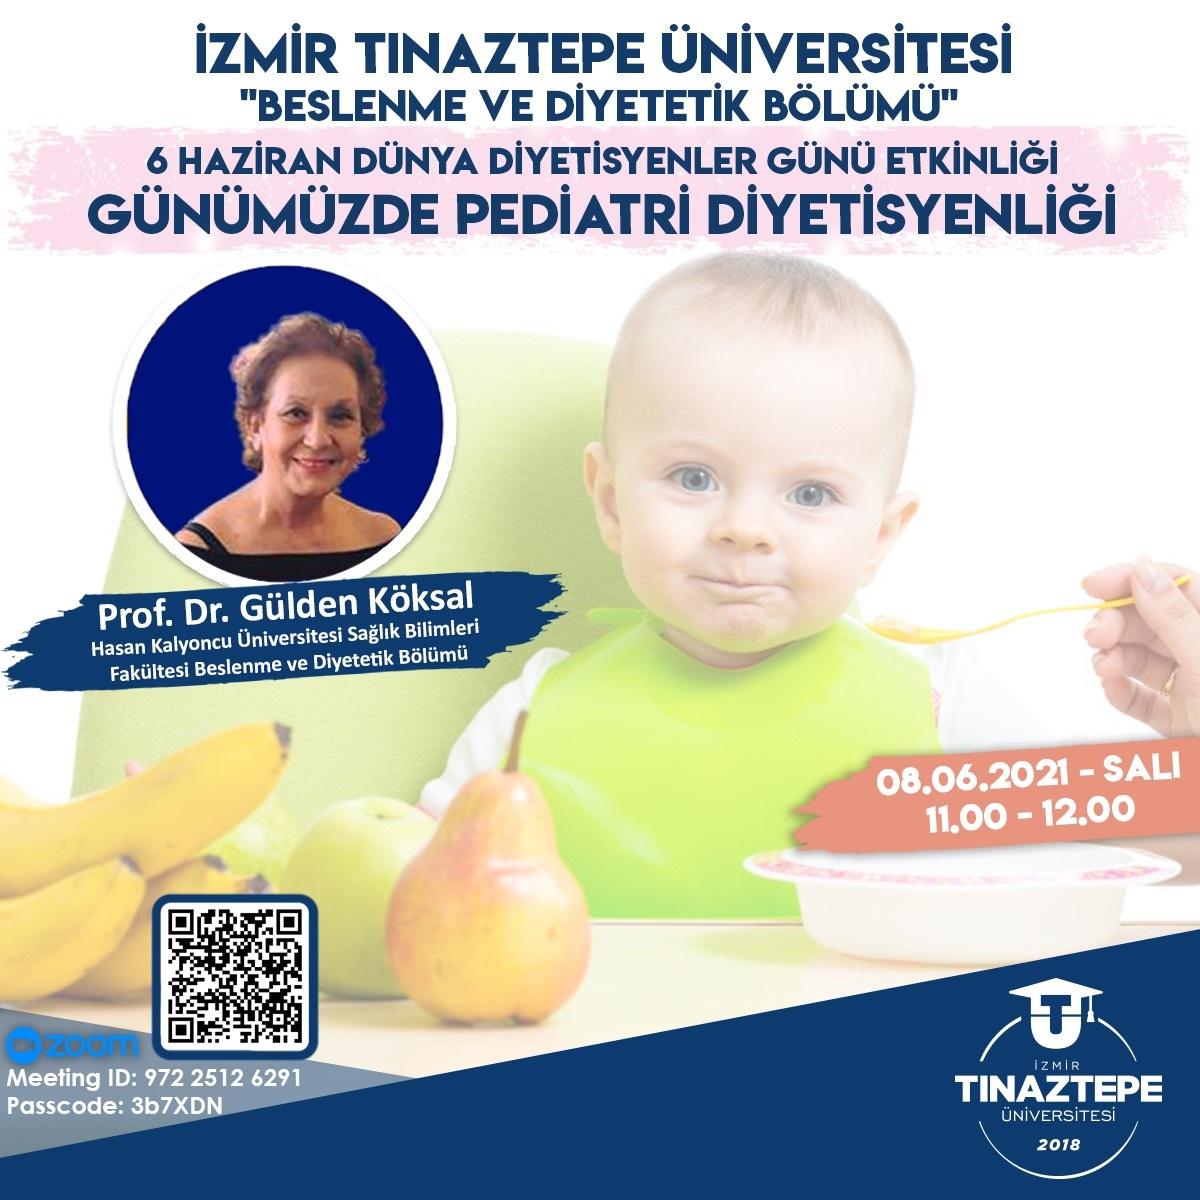 Günümüzde Pediatri Diyetisyenliği